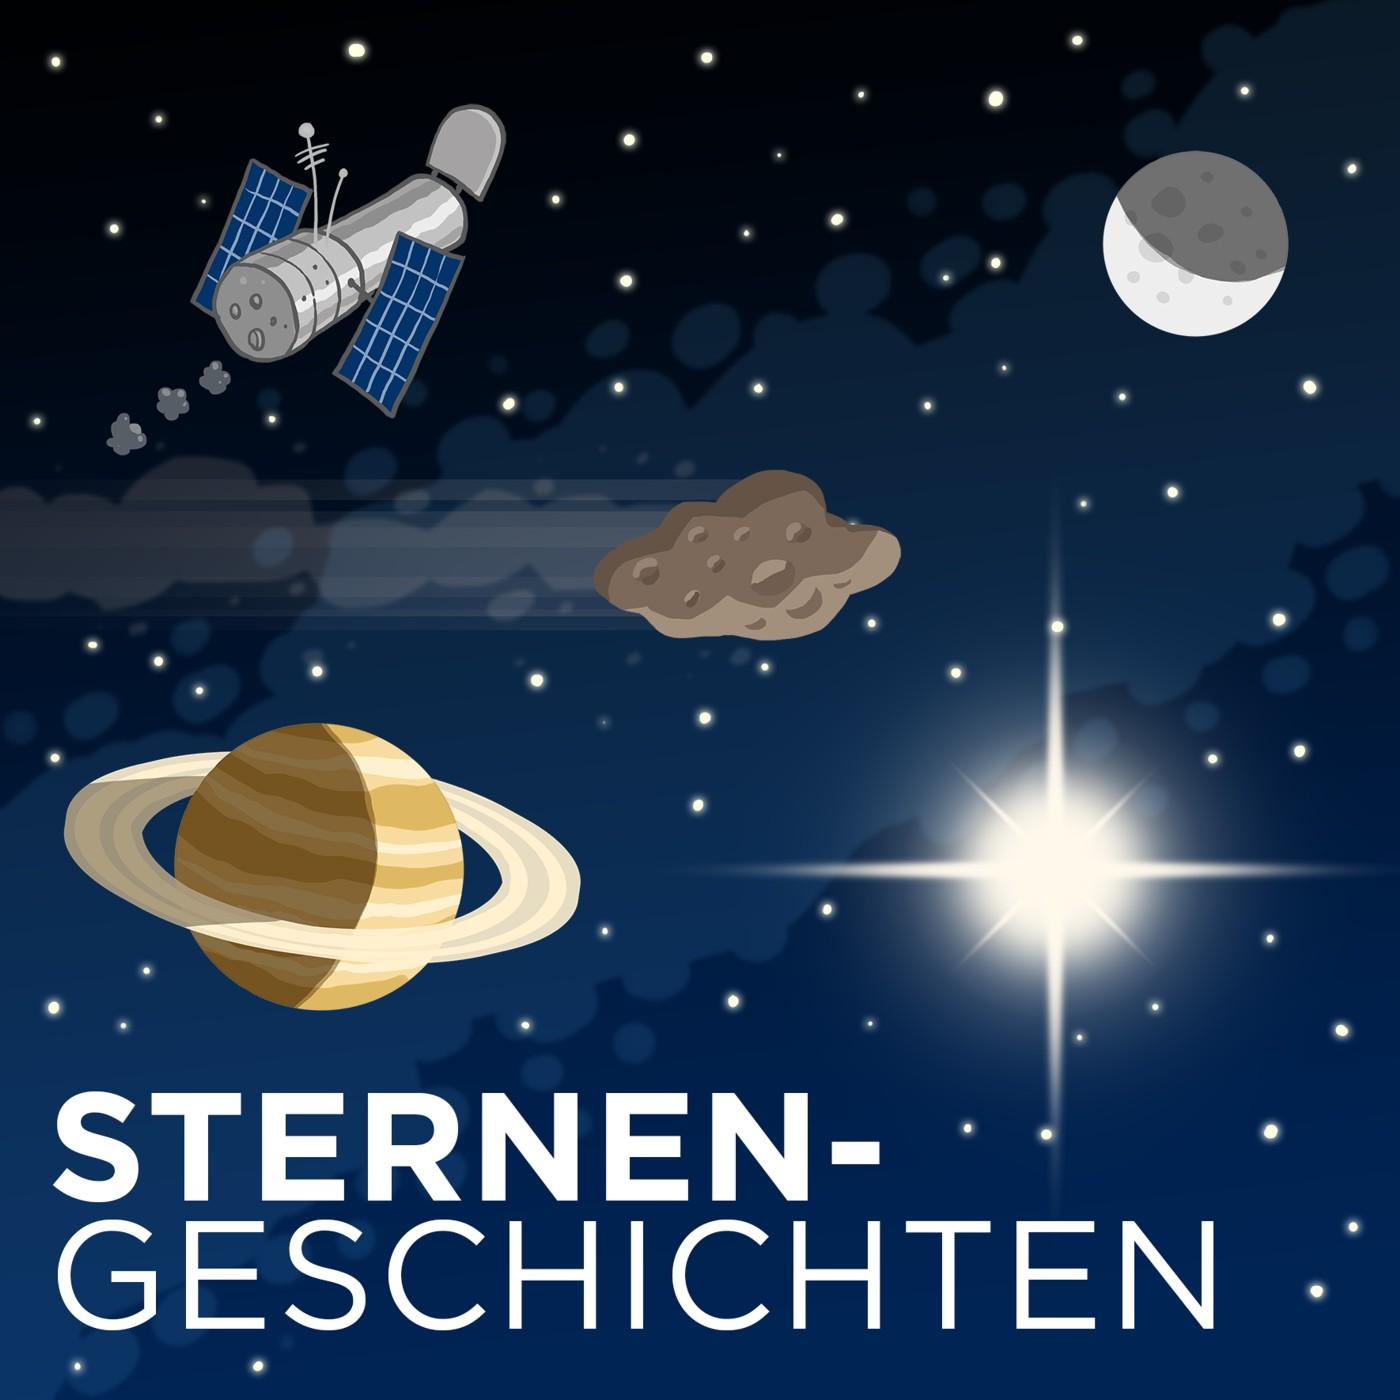 Sternengeschichten Folge 392: Polsprung und Bakterien